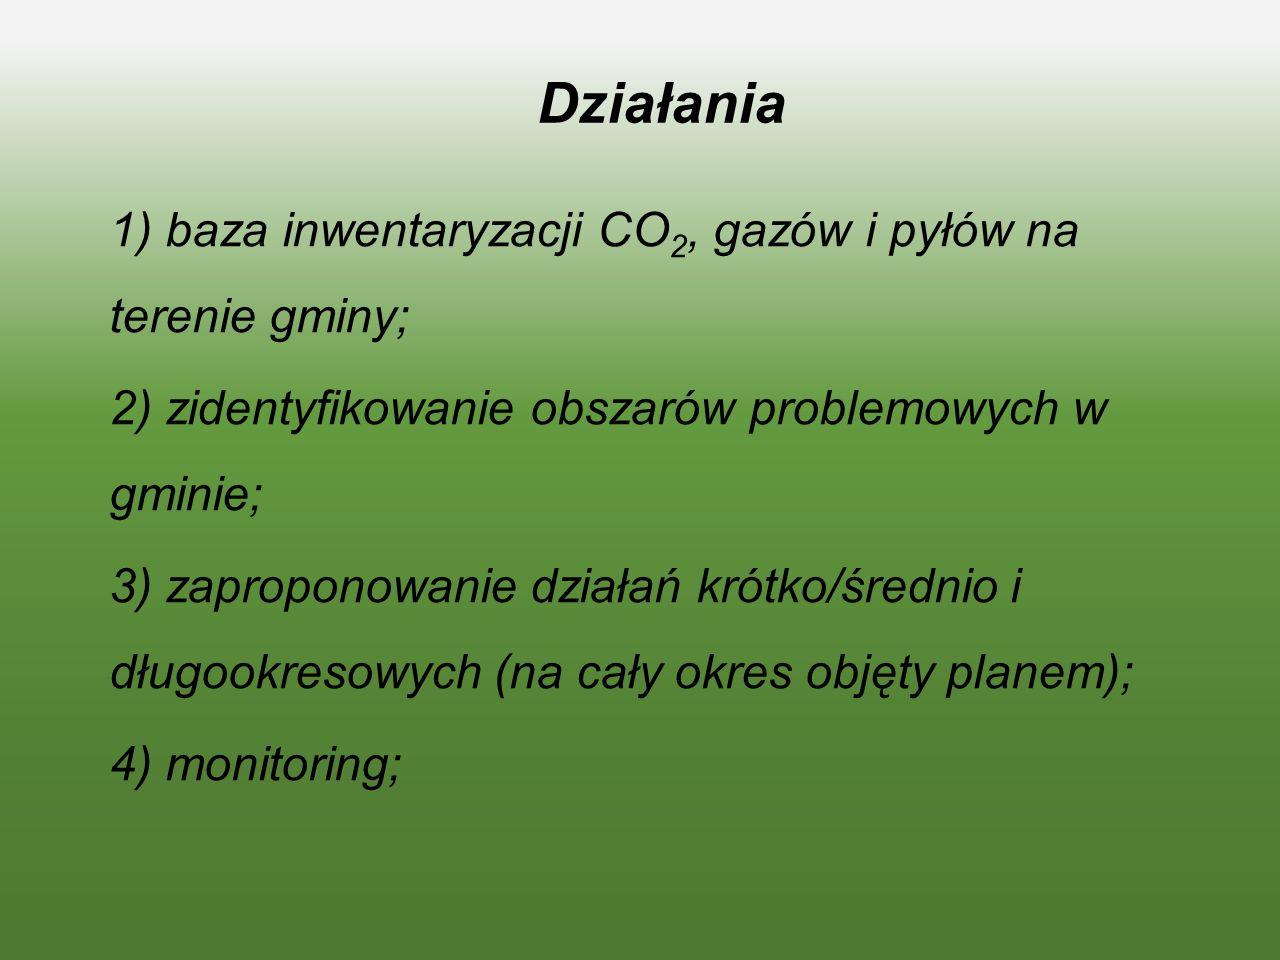 Działania 1) baza inwentaryzacji CO2, gazów i pyłów na terenie gminy;